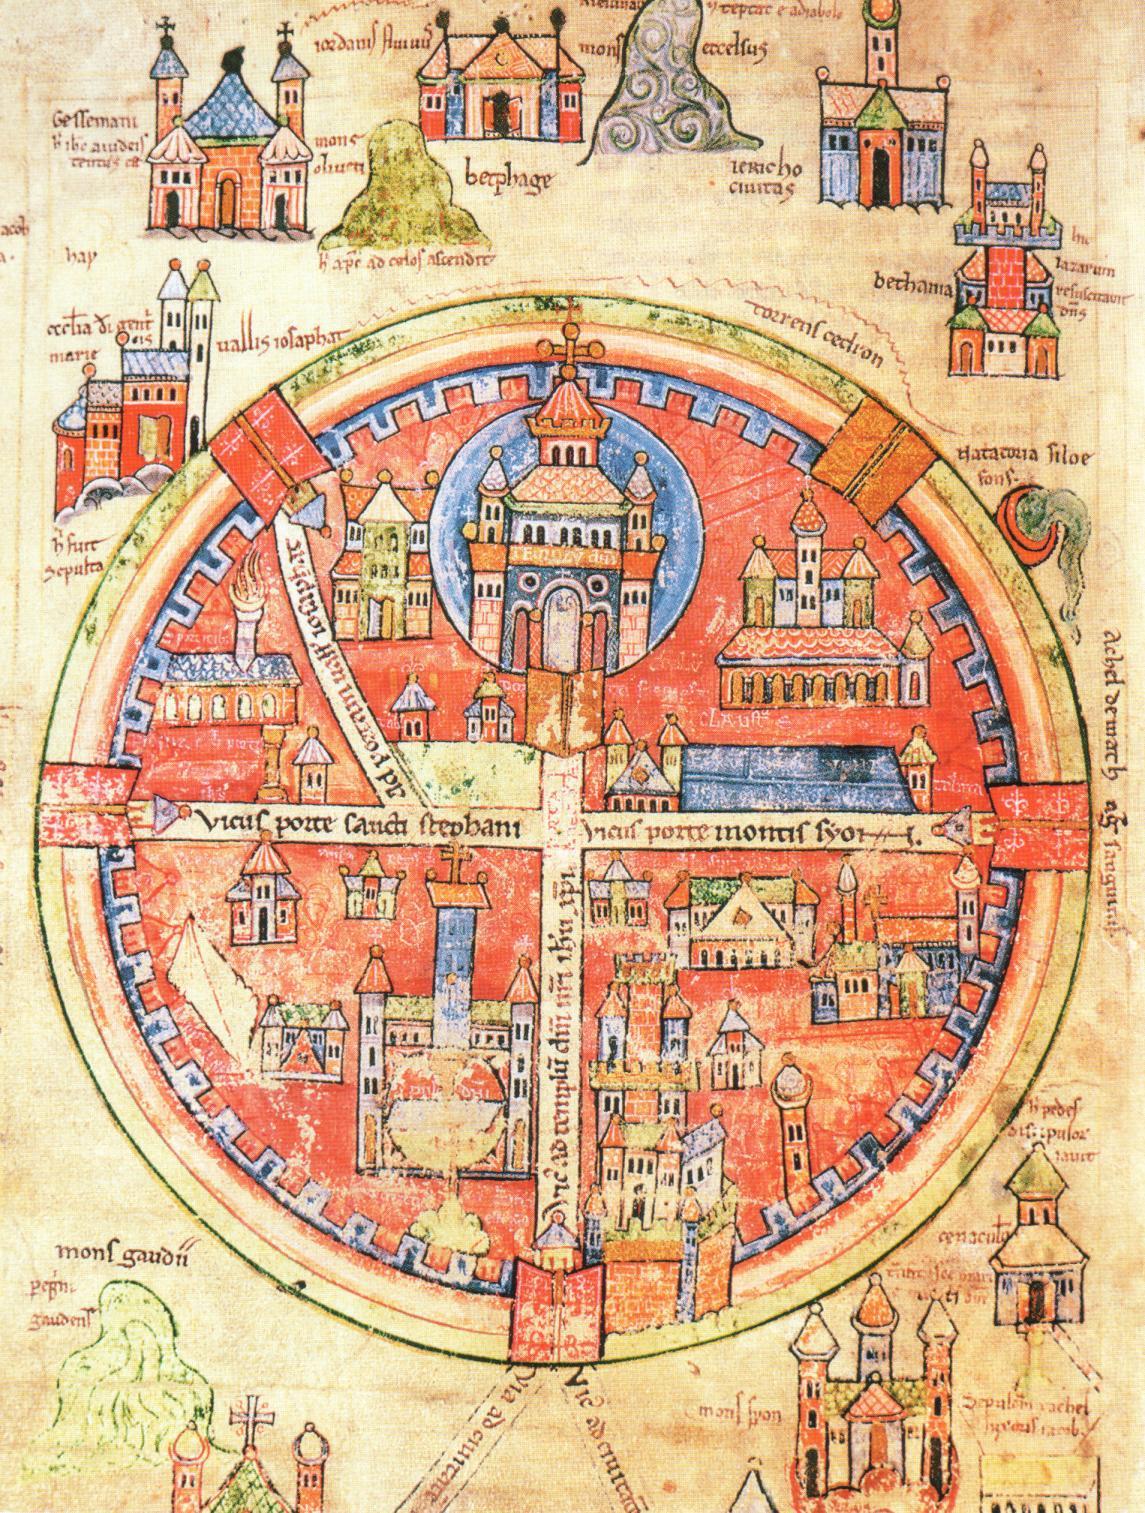 13th century st omar map of crusader jerusalem maps pinterest 13th century st omar map of crusader jerusalem maps pinterest crusaders jerusalem and medieval gumiabroncs Images